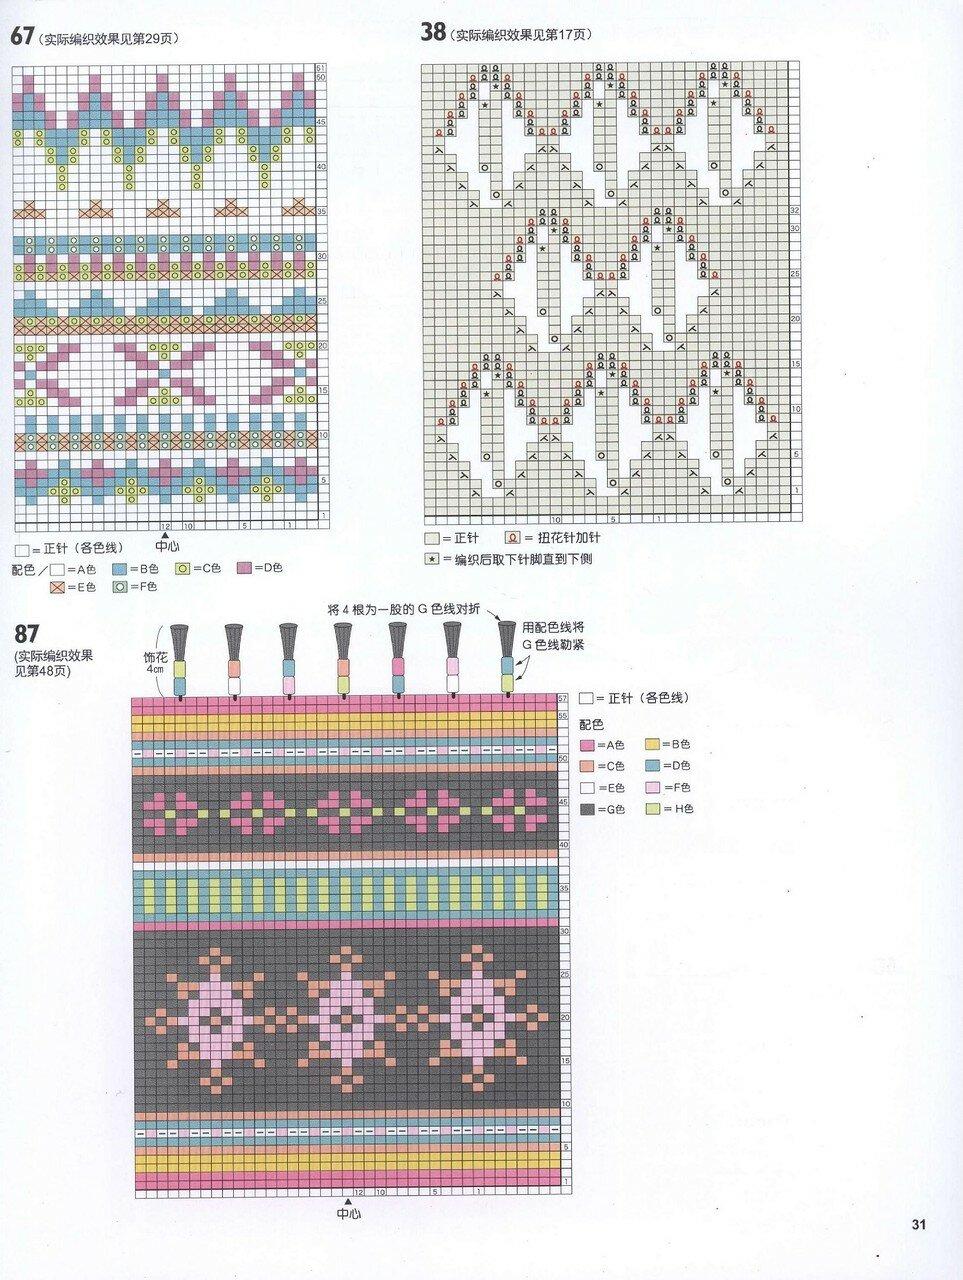 150 Knitting_33.jpg